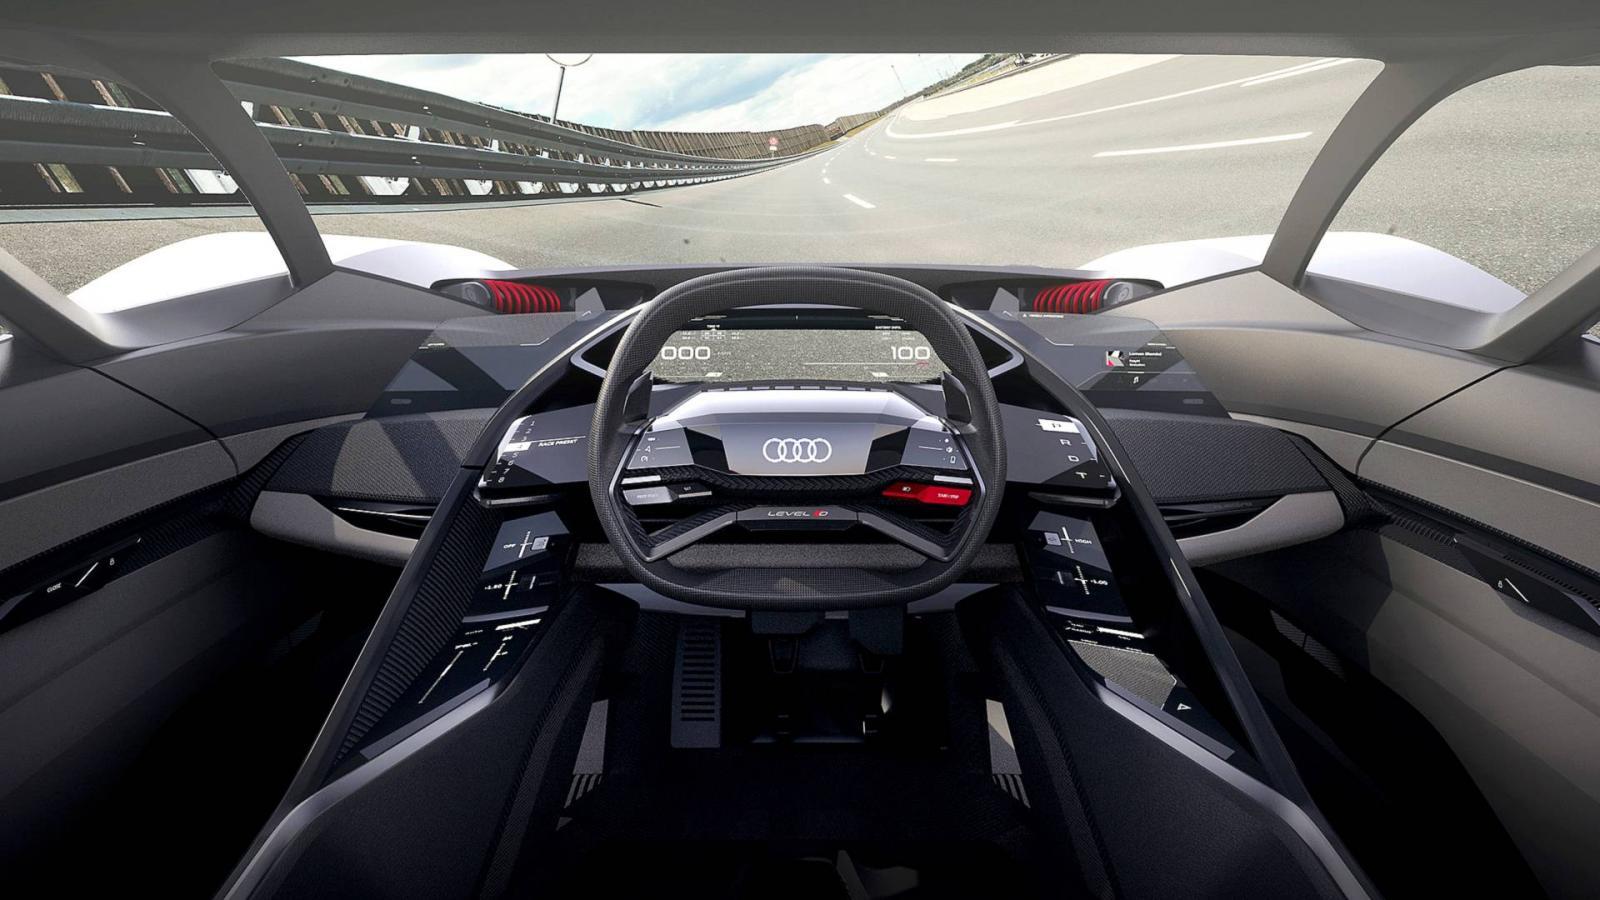 ВПеббл-Бич представили 680-сильный электрический концептуальный автомобиль Ауди PB18 e-tron